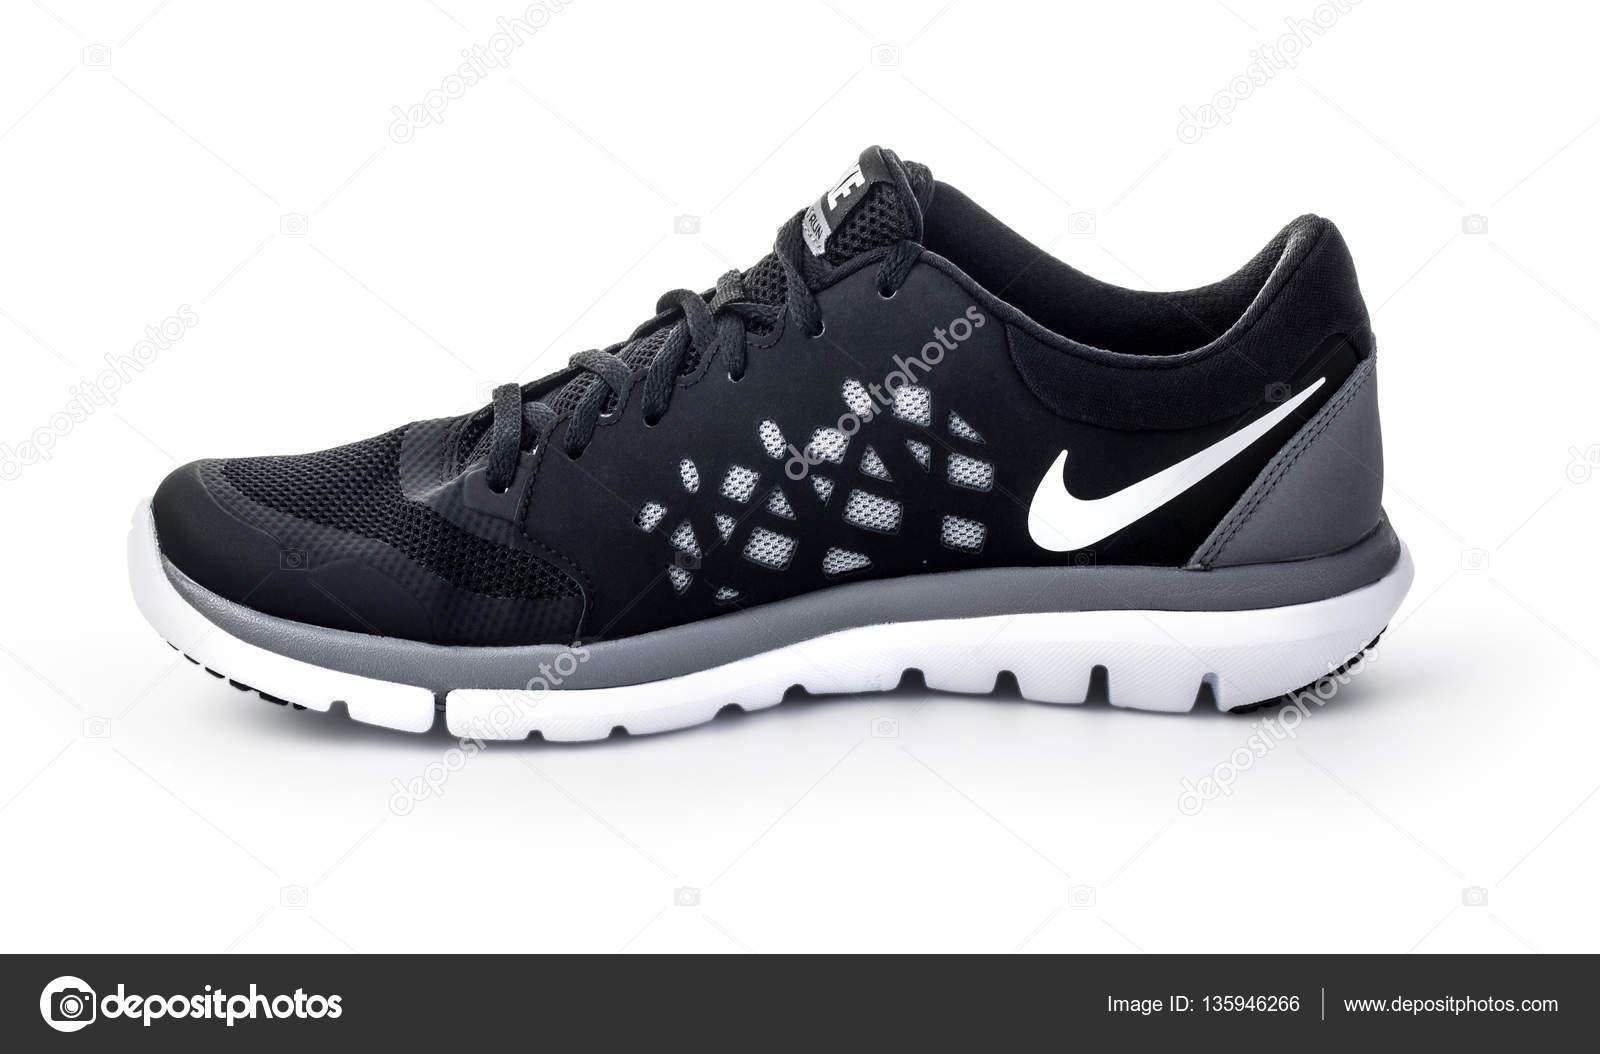 Nuovo Stile Scarpe Stile Nike Nuovo dx8nvwZ08